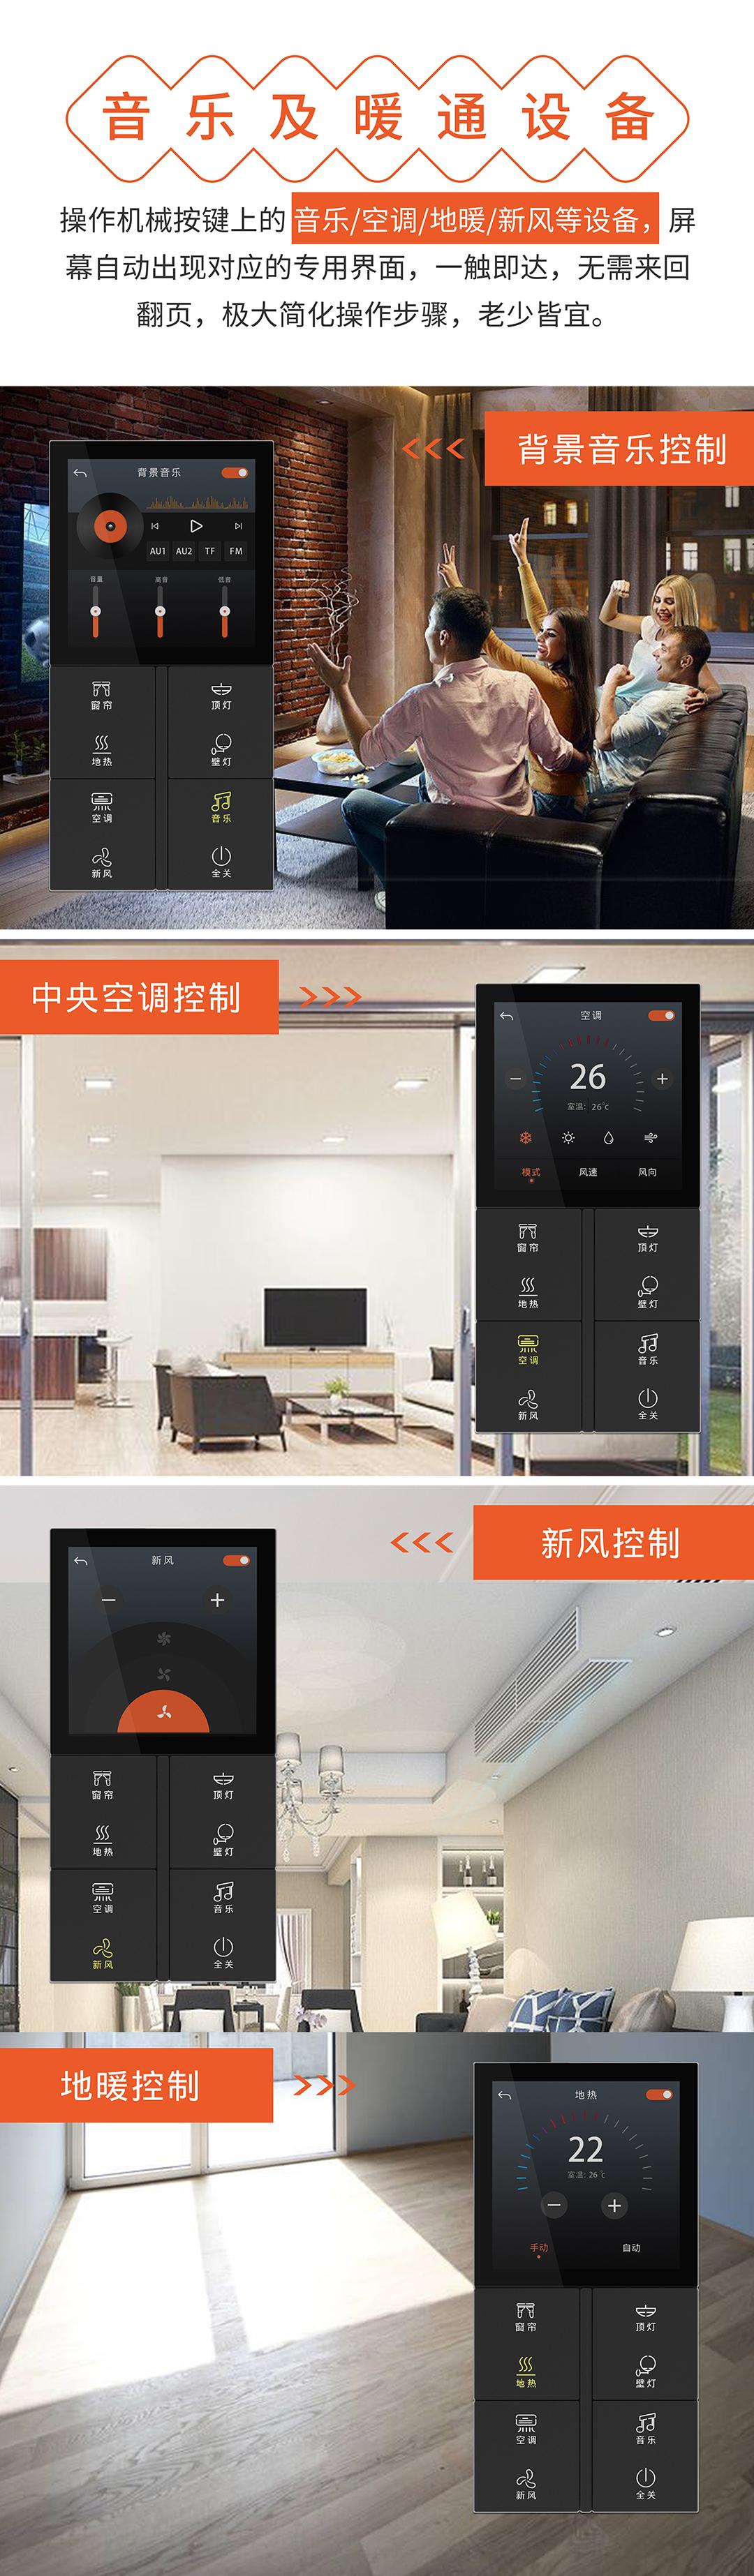 智能新品上市:图解科力屋超级智控面板